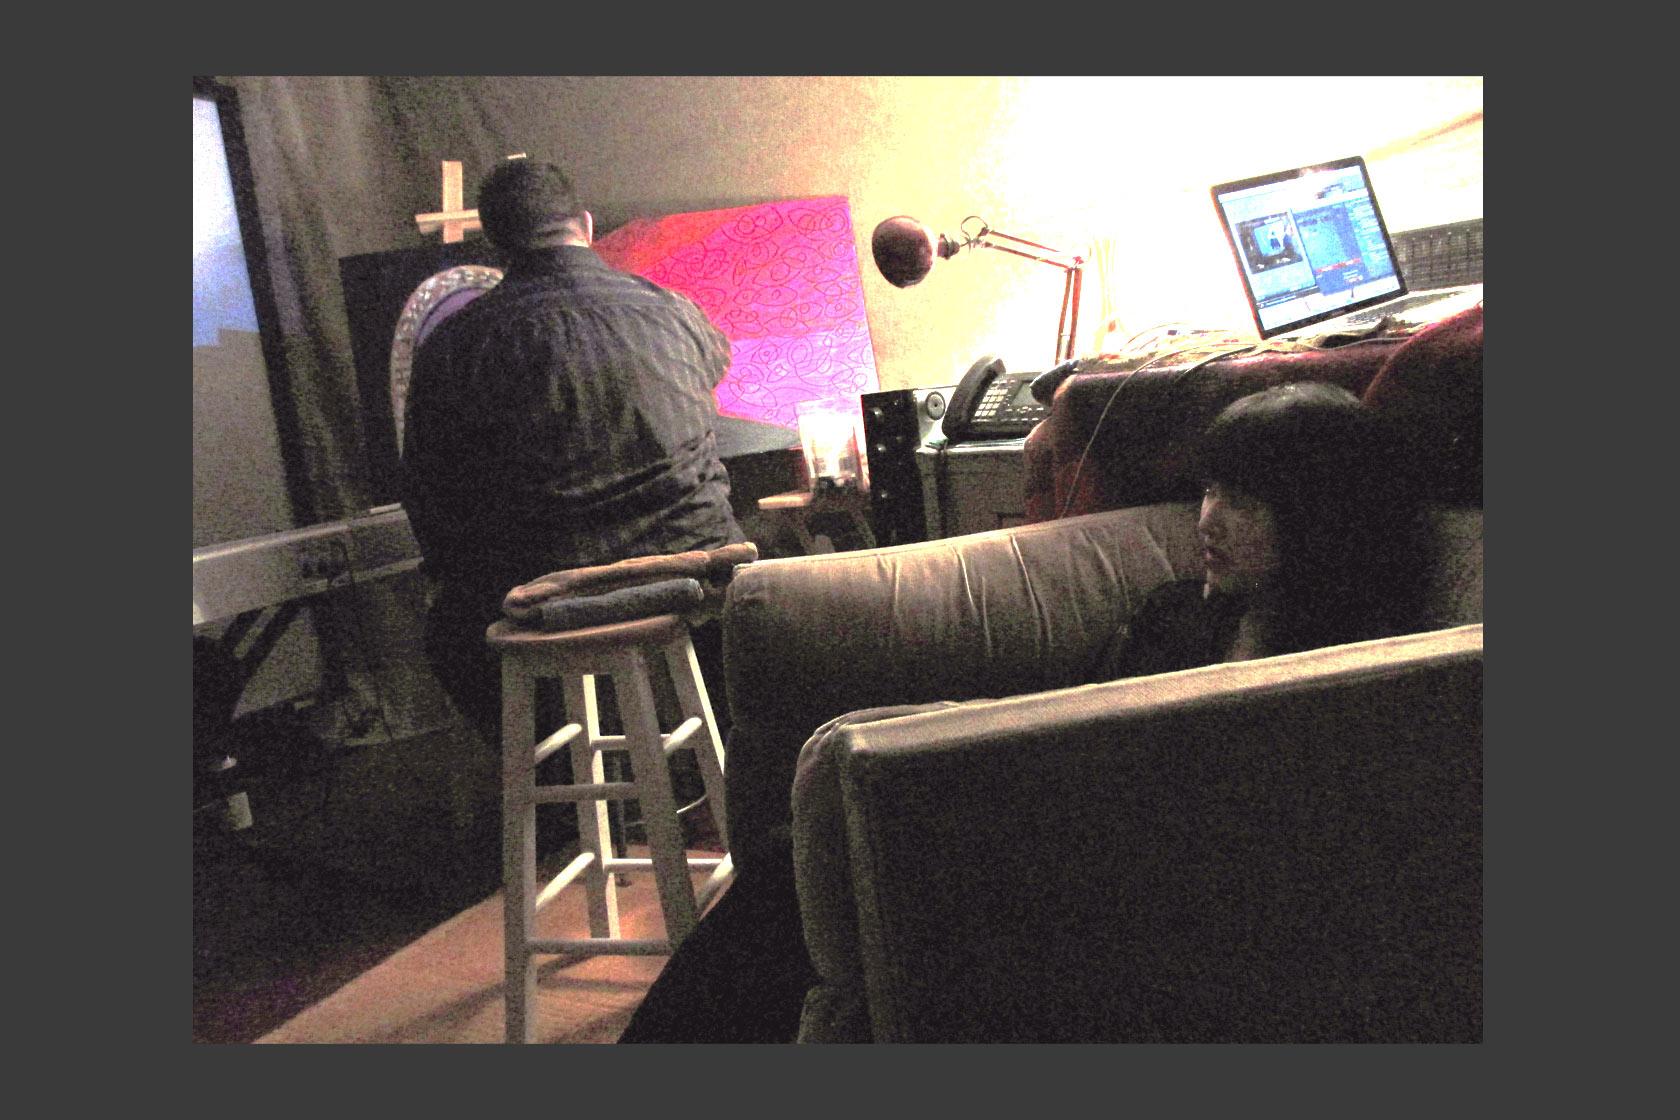 Dead Red Velvet livestream, April 18, 2013